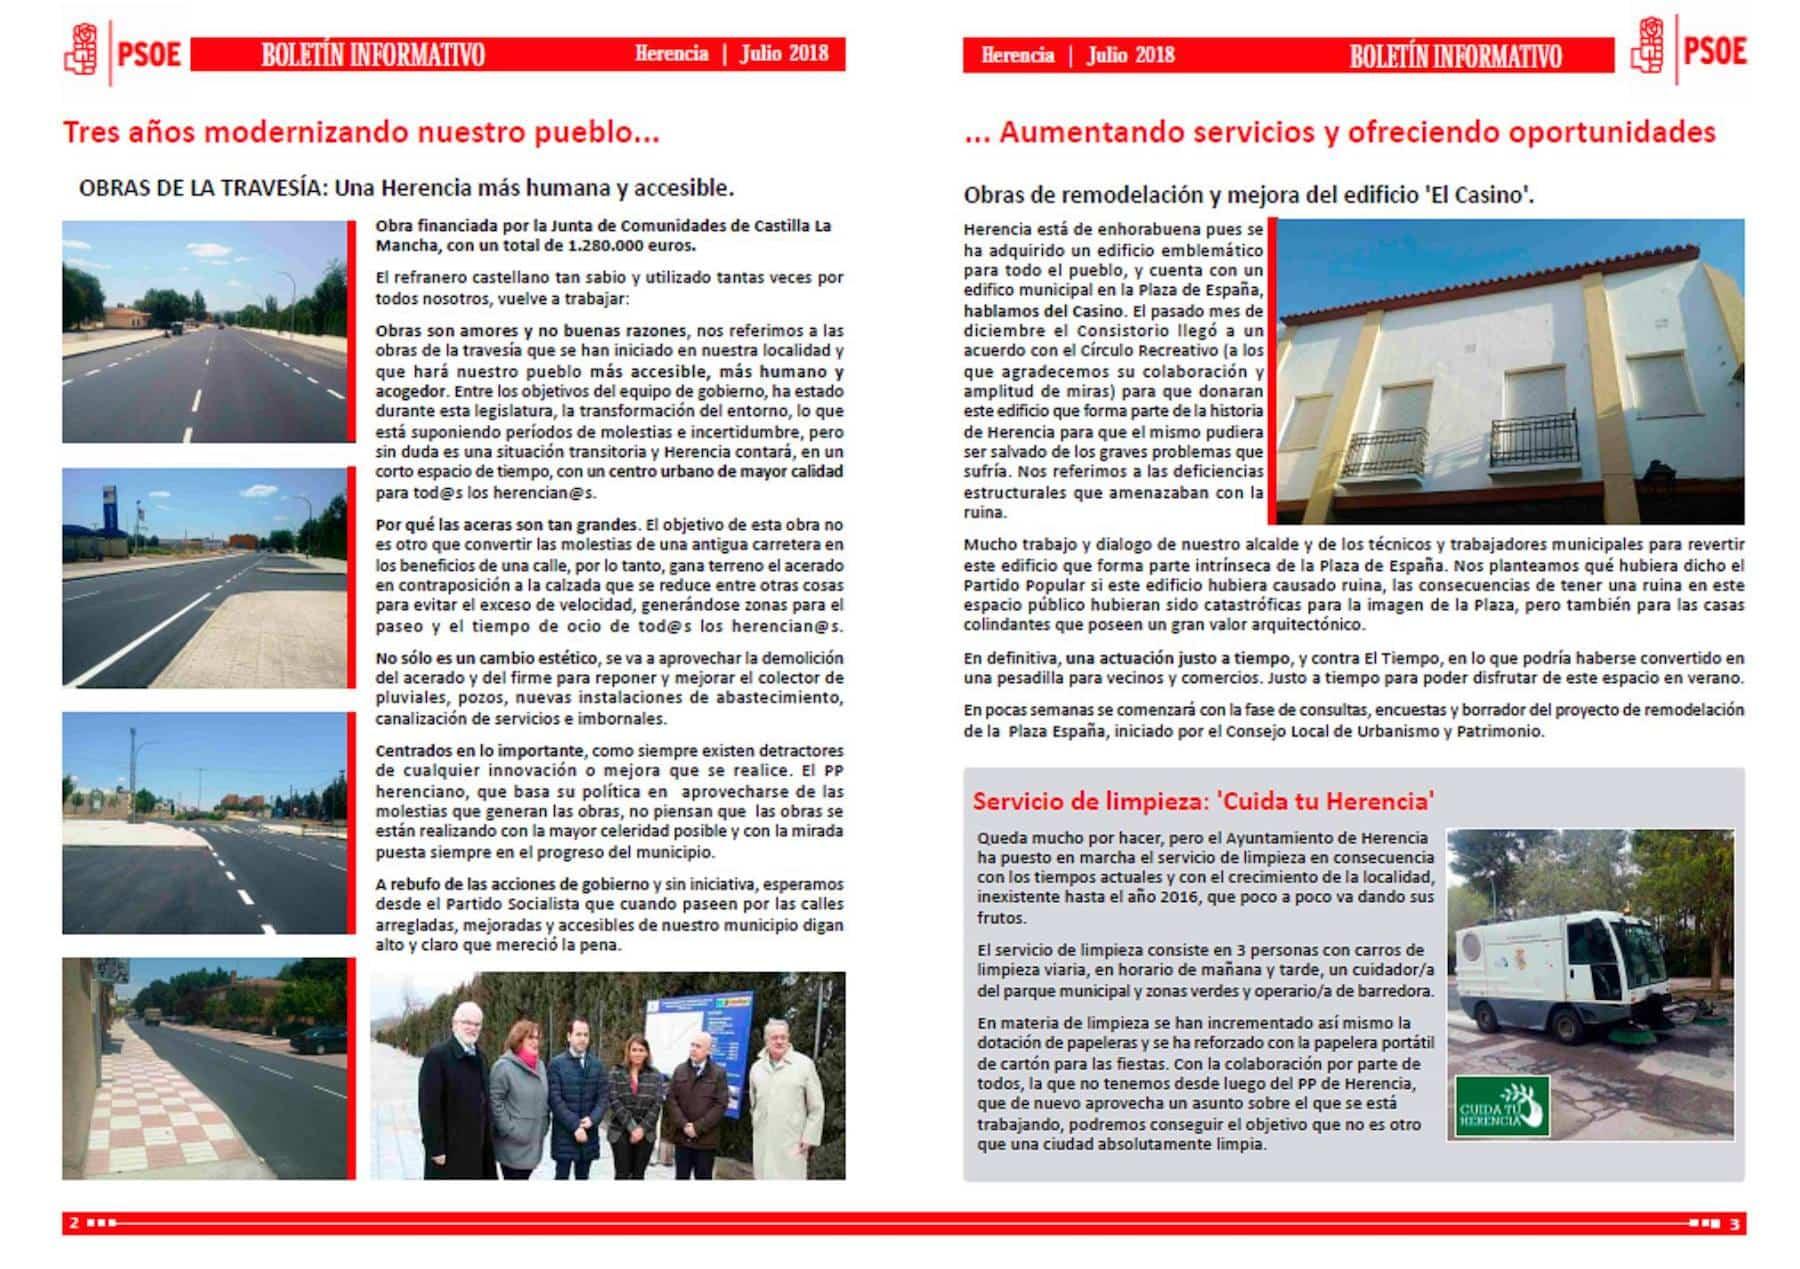 El PSOE de Herencia edita un boletín informativo sobre inversiones en Herencia 6